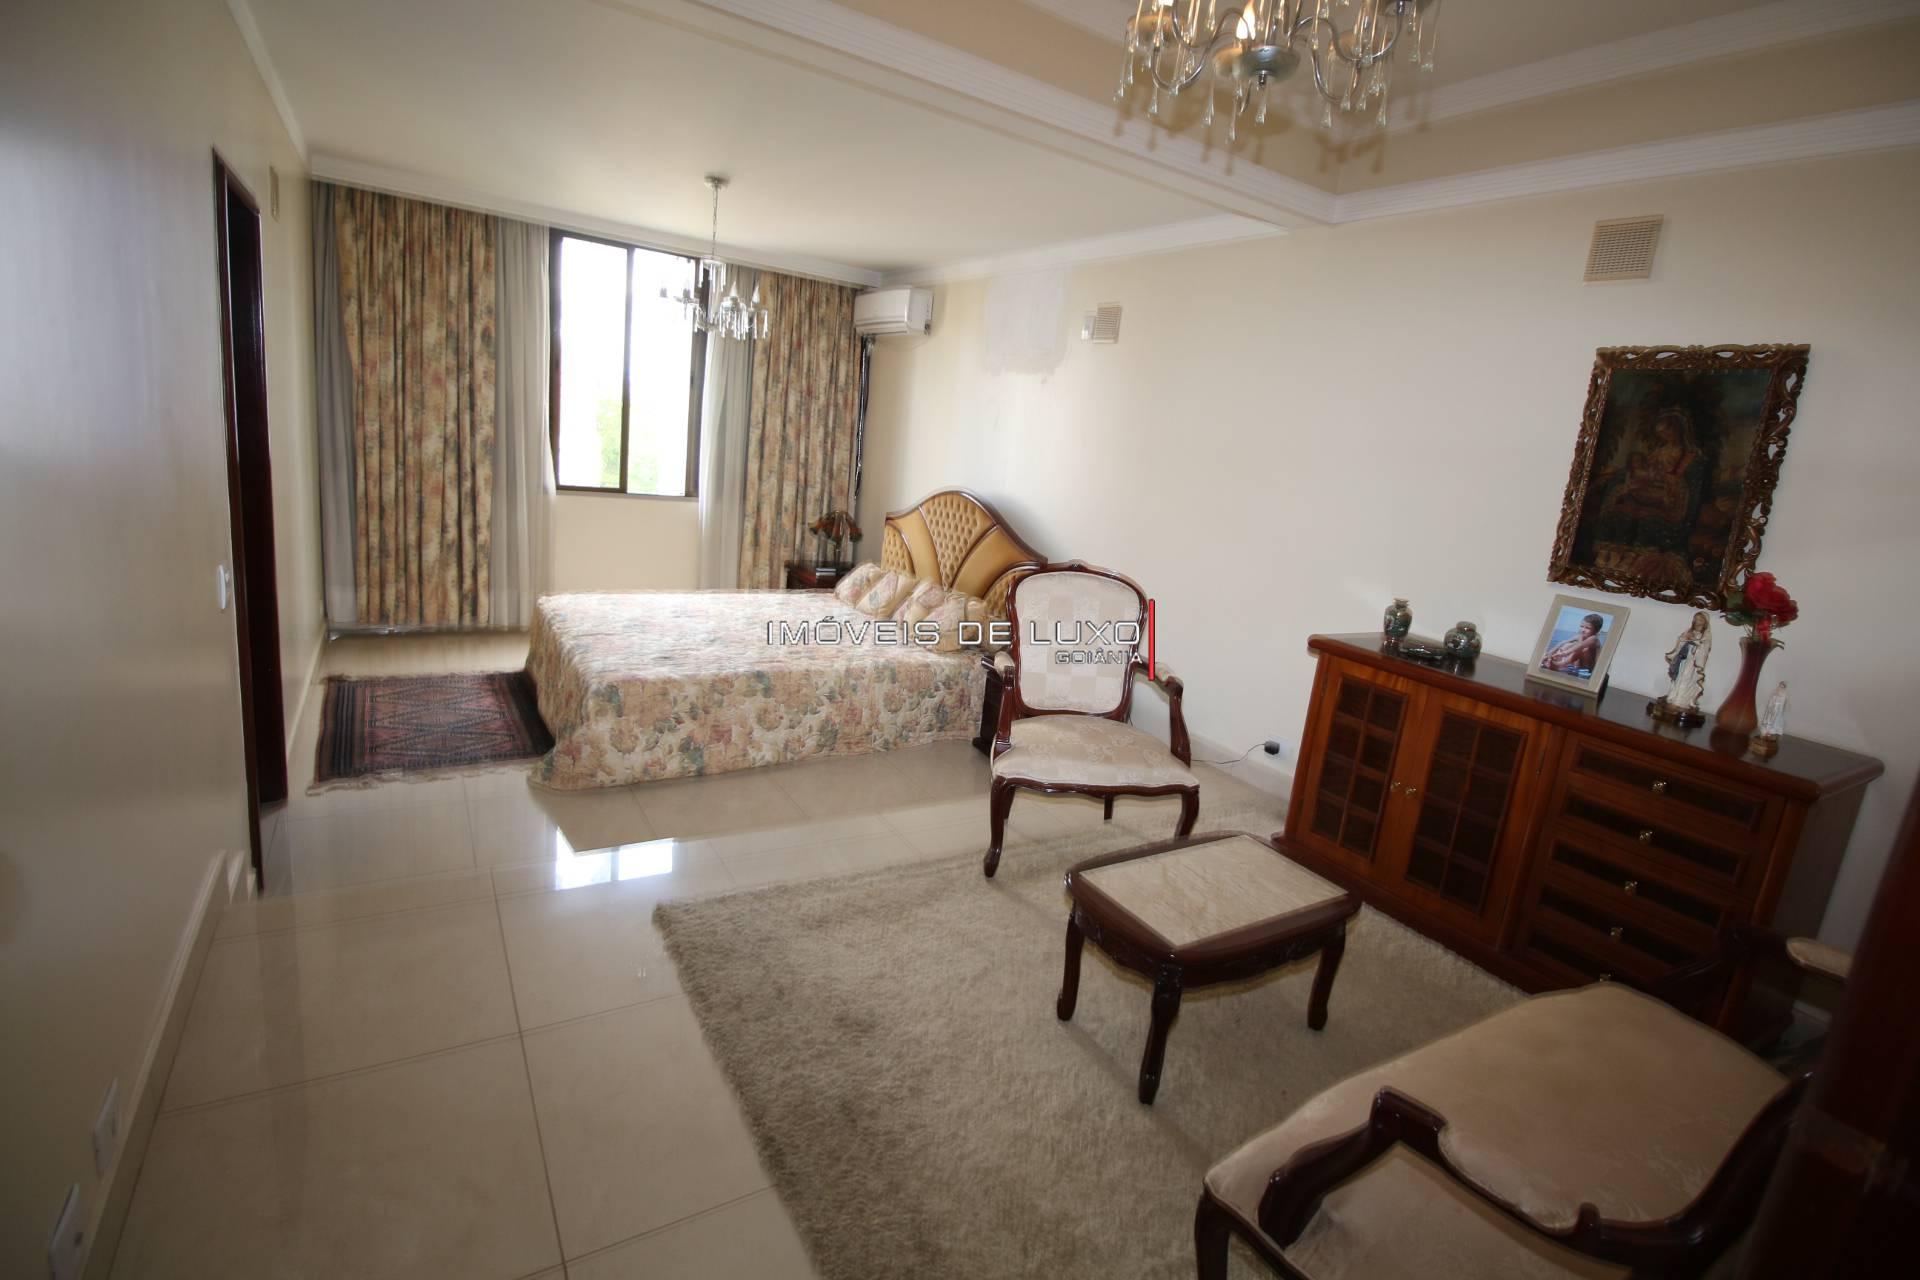 Imóveis de Luxo - Apartamento com 360 metros no Setor Oeste